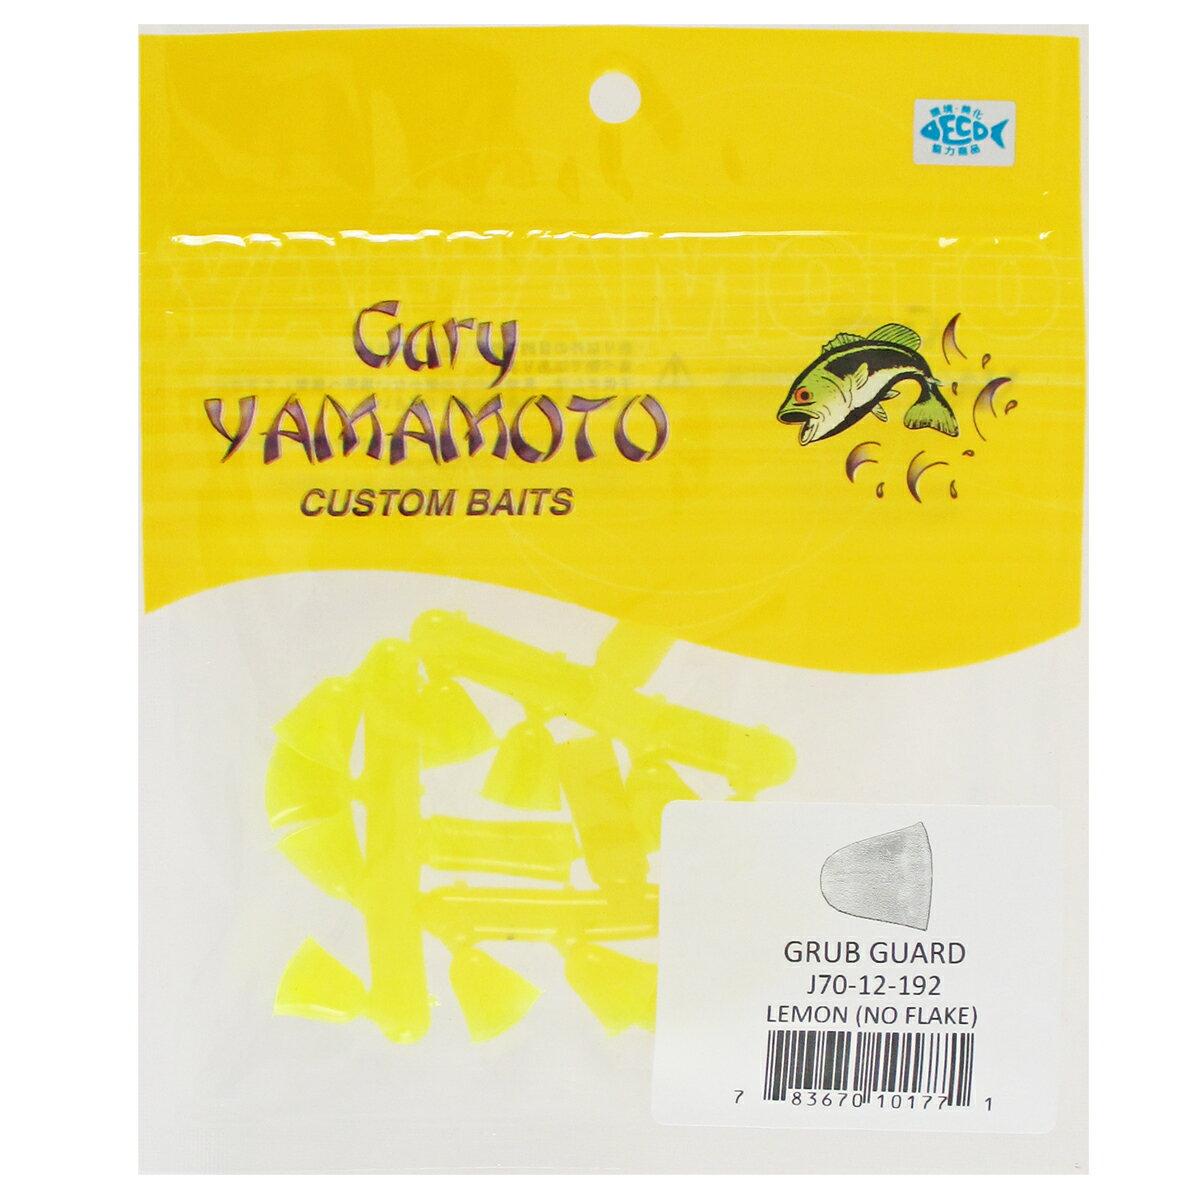 ゲーリーヤマモト グラブガード #192 レモン(ソリッド)【ゆうパケット】